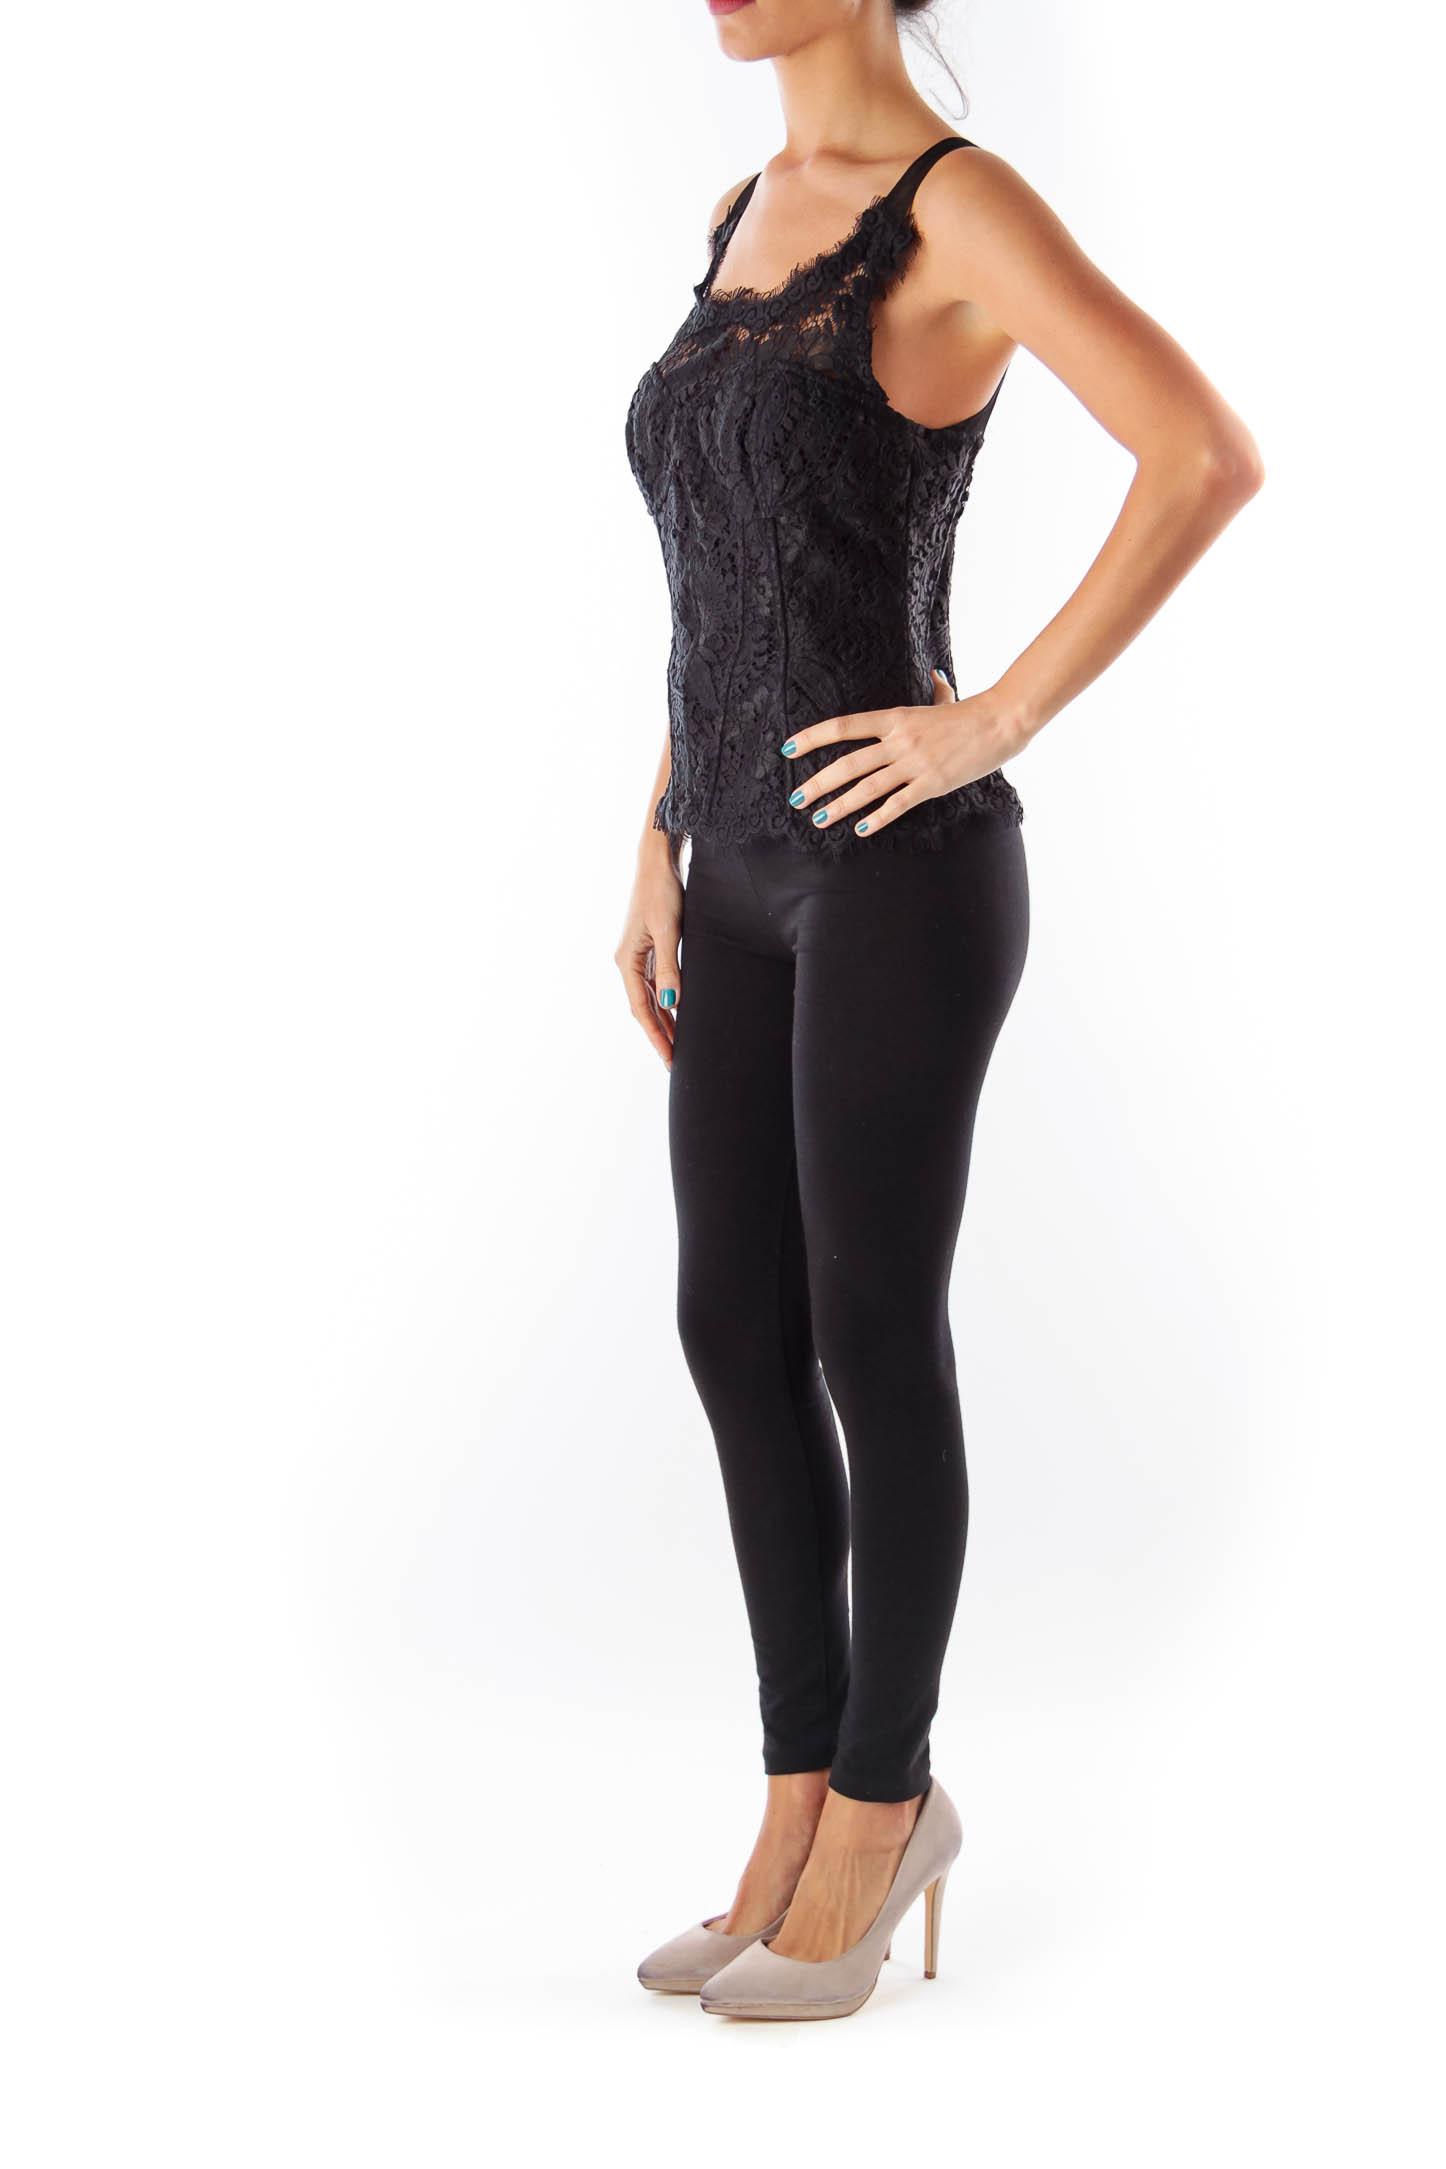 Black Lace Corset Top